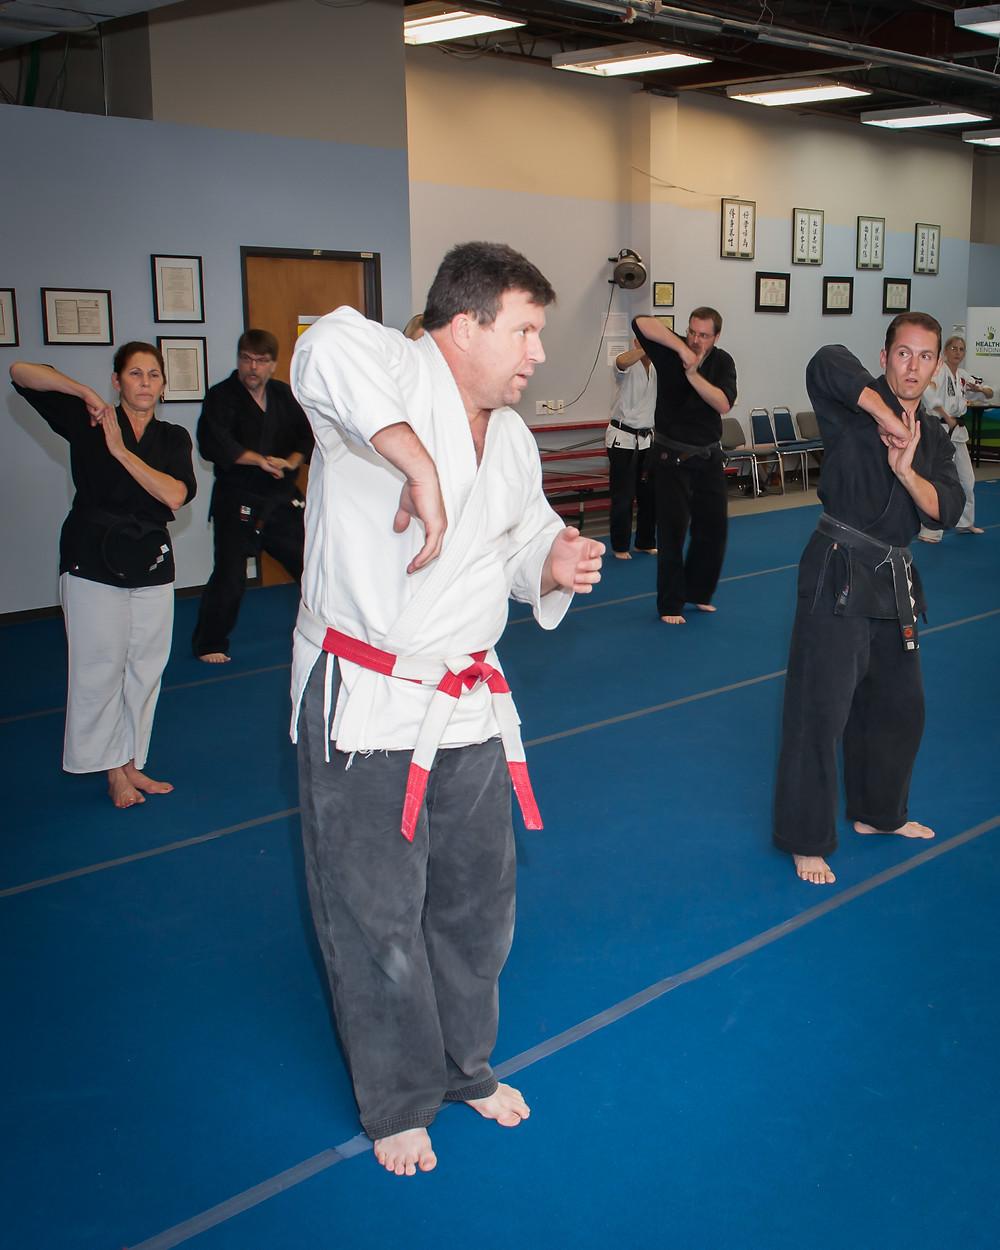 Shaolin-5.jpg